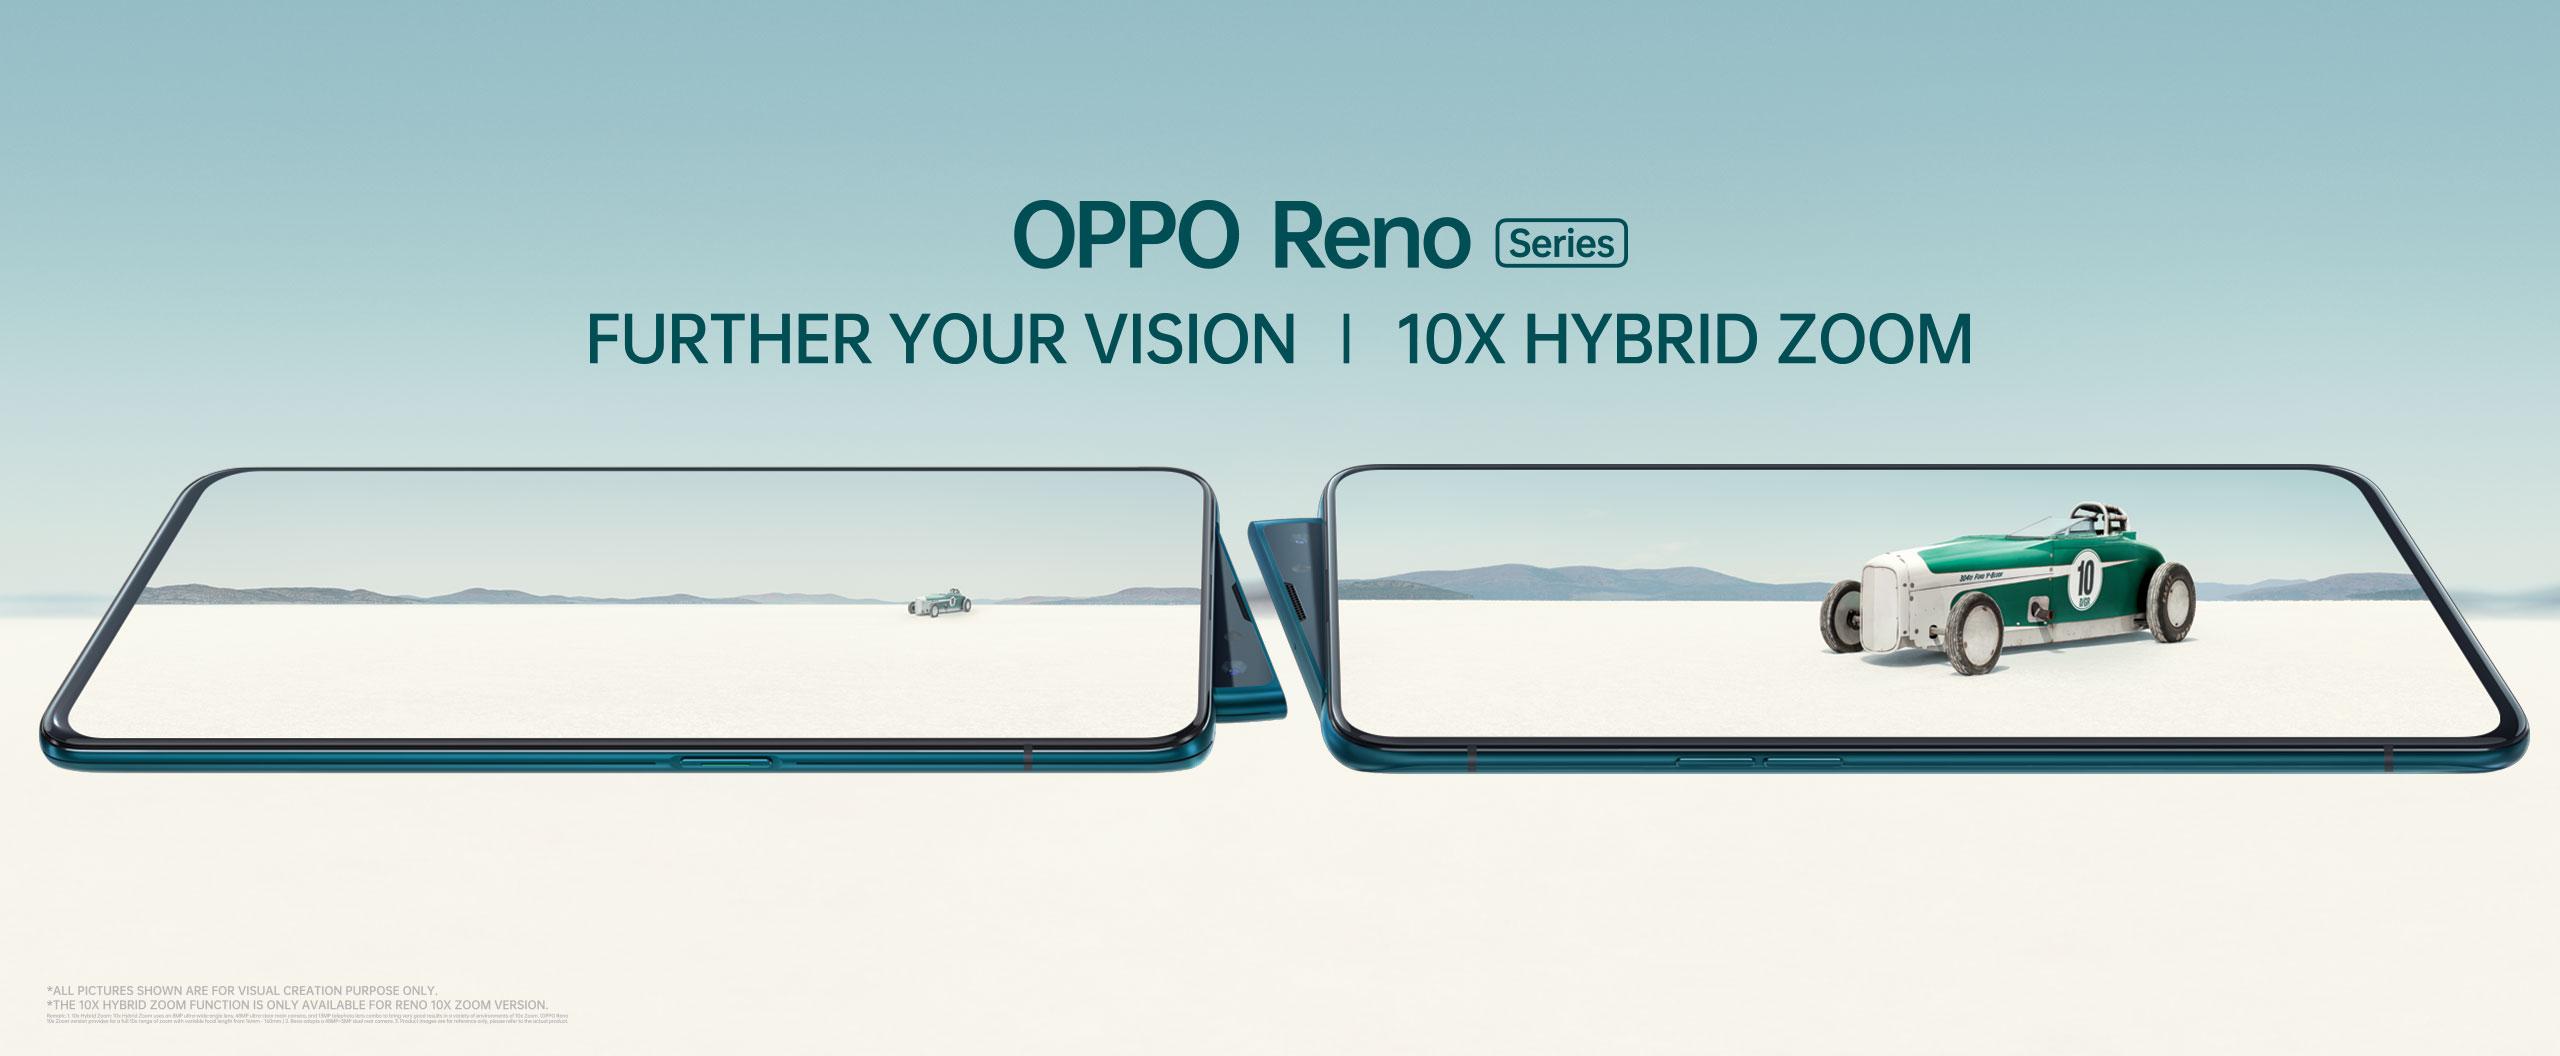 OPPO Mobile Phones | OPPO India Official Website | OPPO India